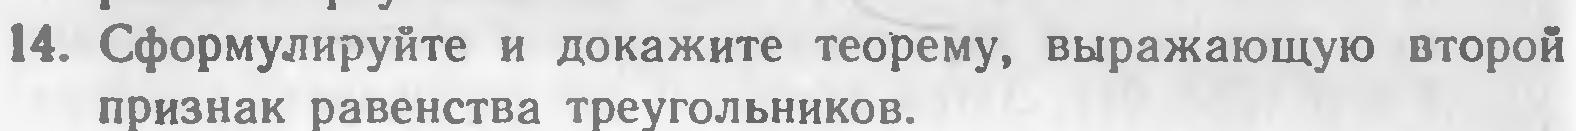 hello_html_3de9537f.png